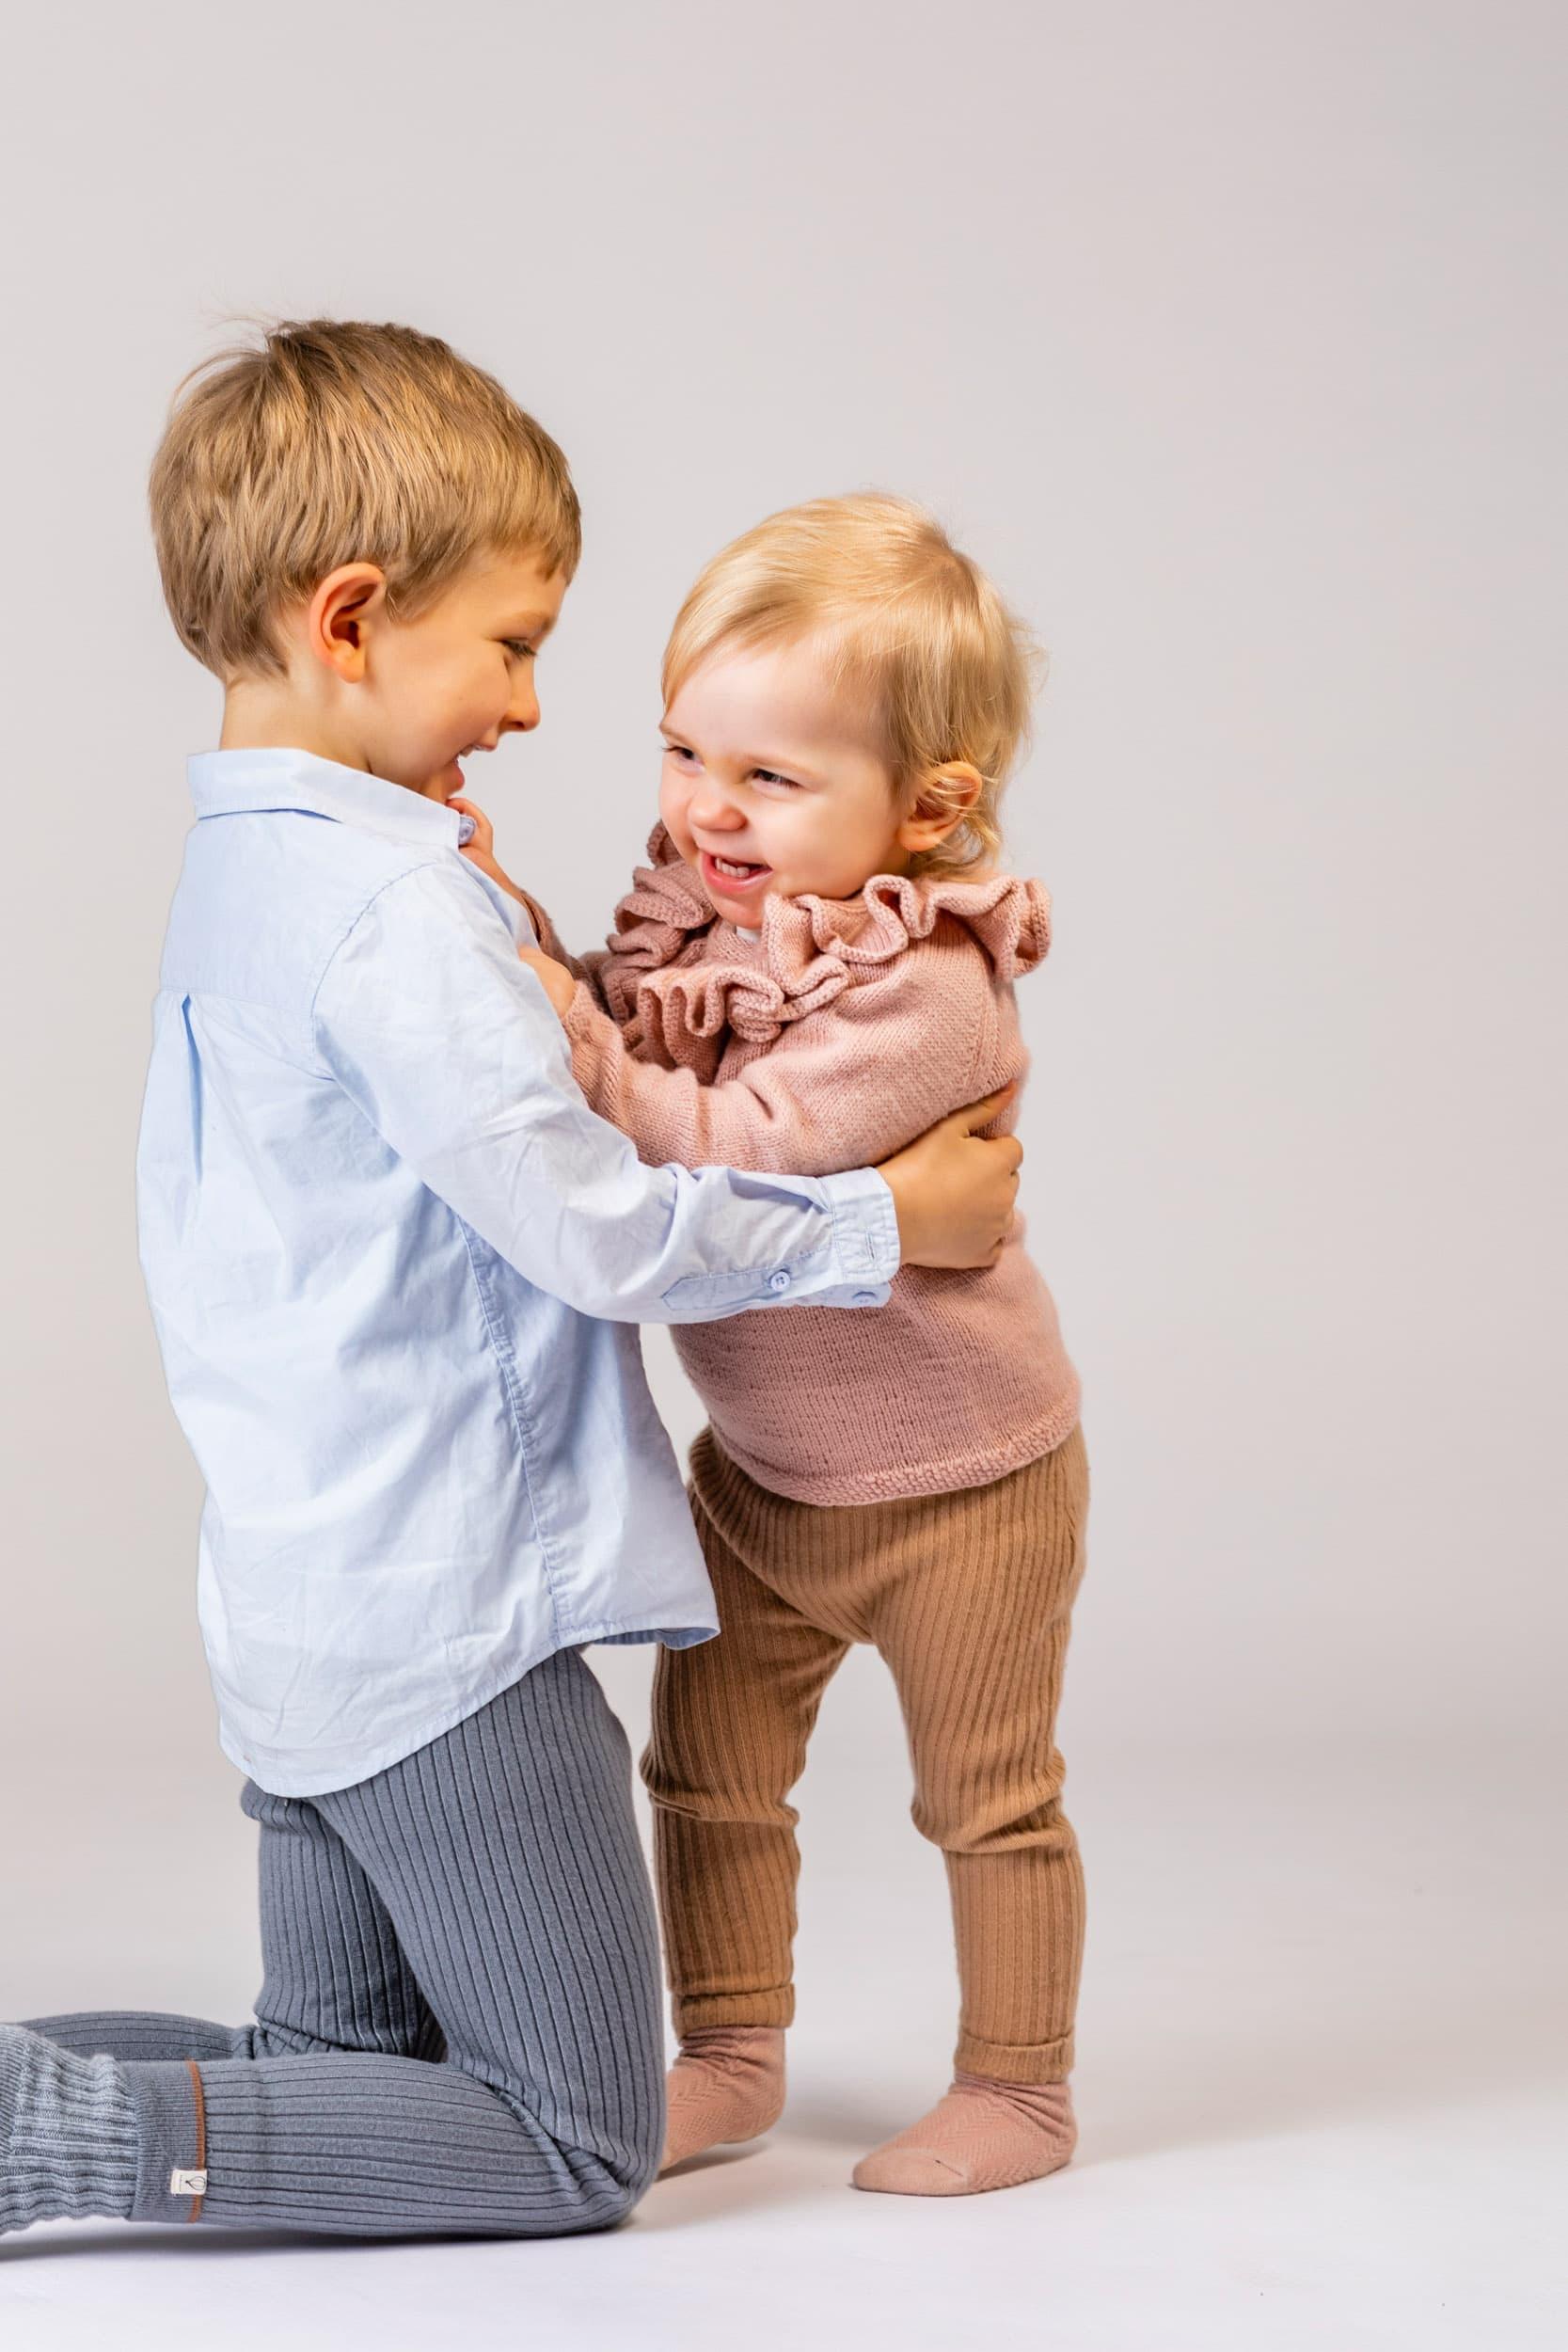 Søskende børn, fotograf, del 2